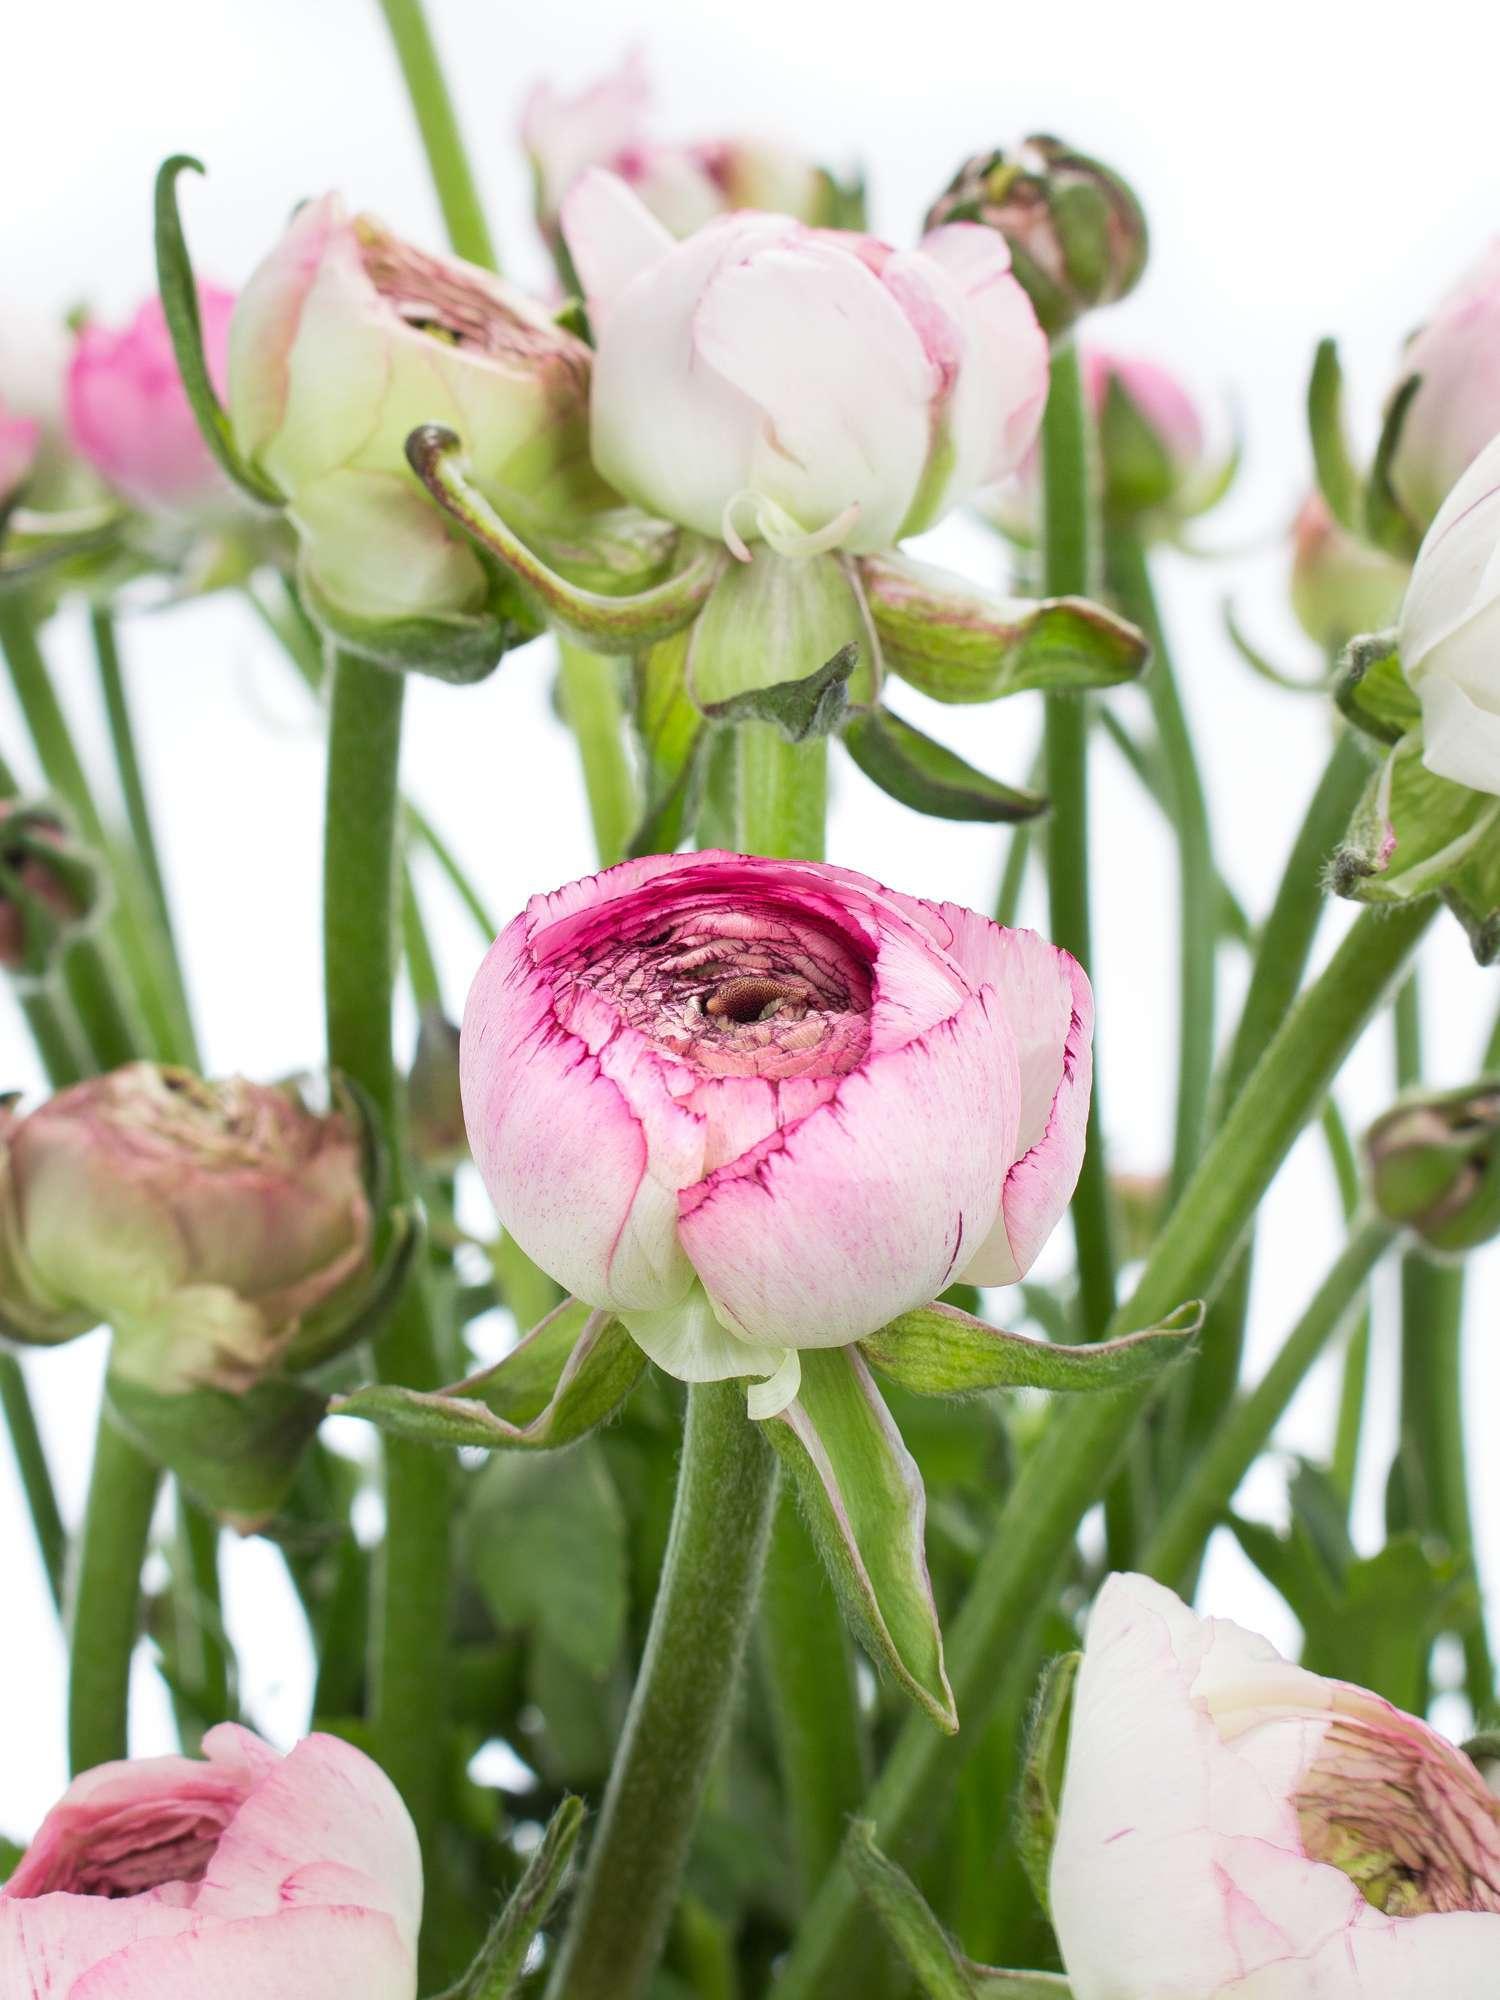 Blumen im märz  Welche Blumen gibt es im März? Schnittblumen Saison-Kalender | Blumigo